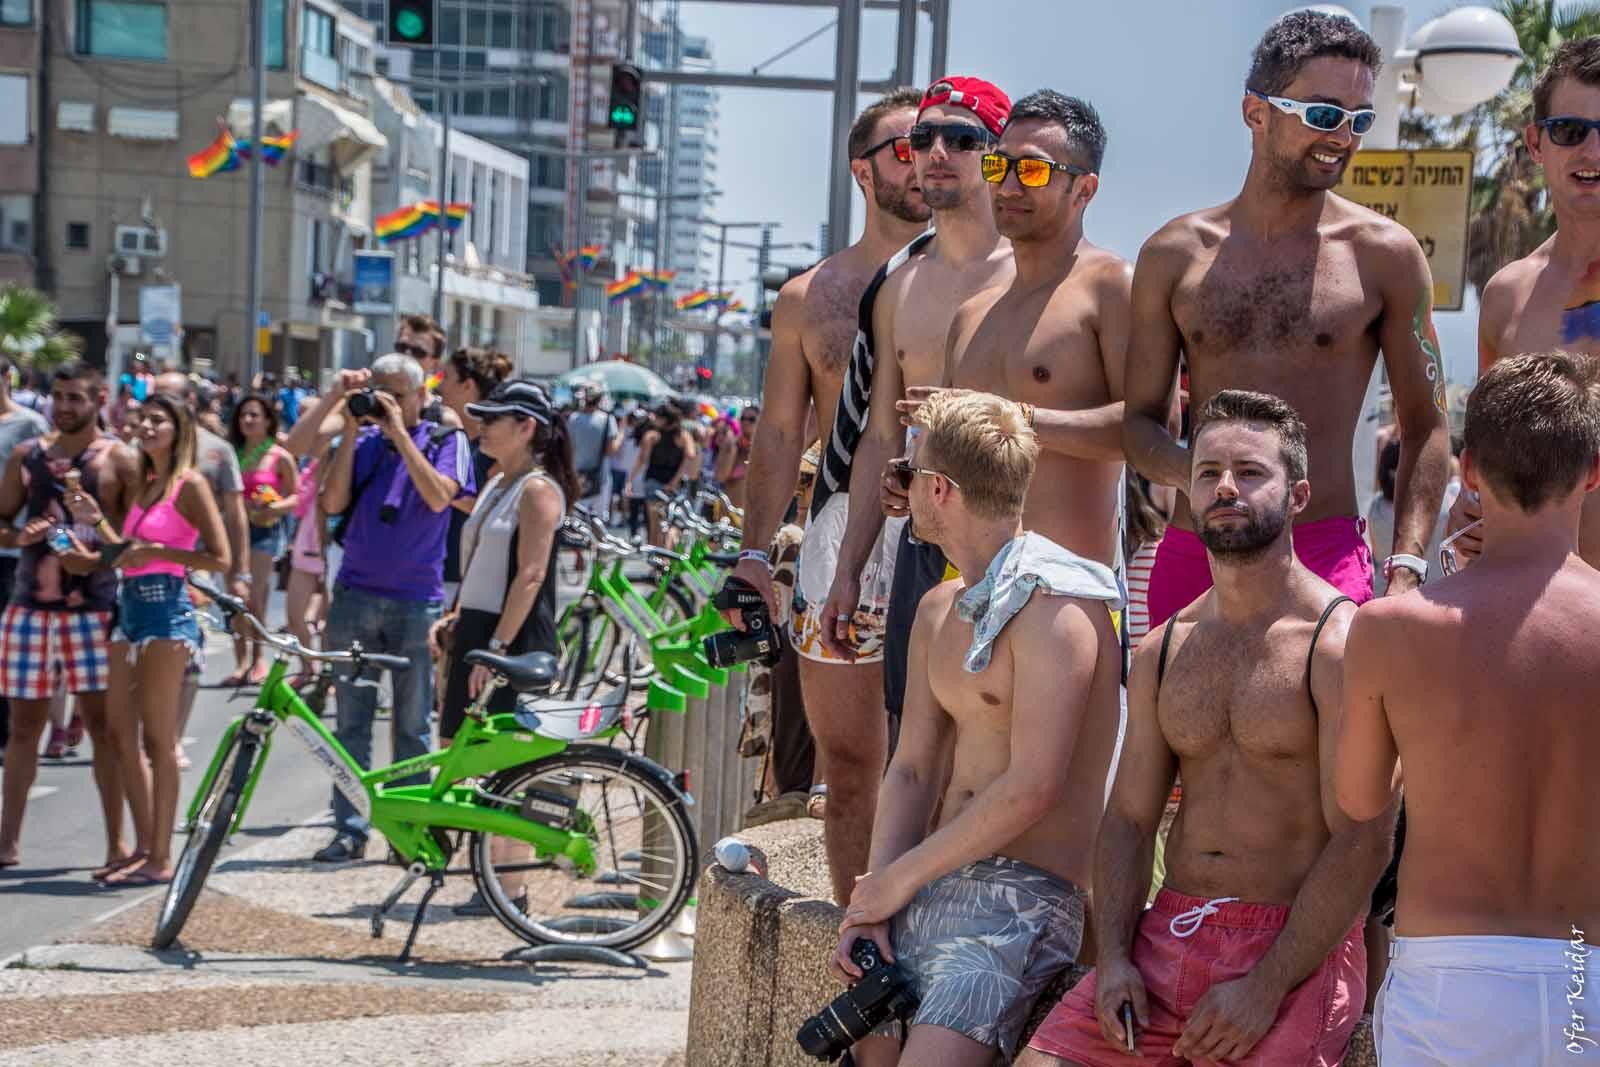 בלוג הצילום במצעד הגאווה בתל אביב 2014 Tel Aviv Pride Parade